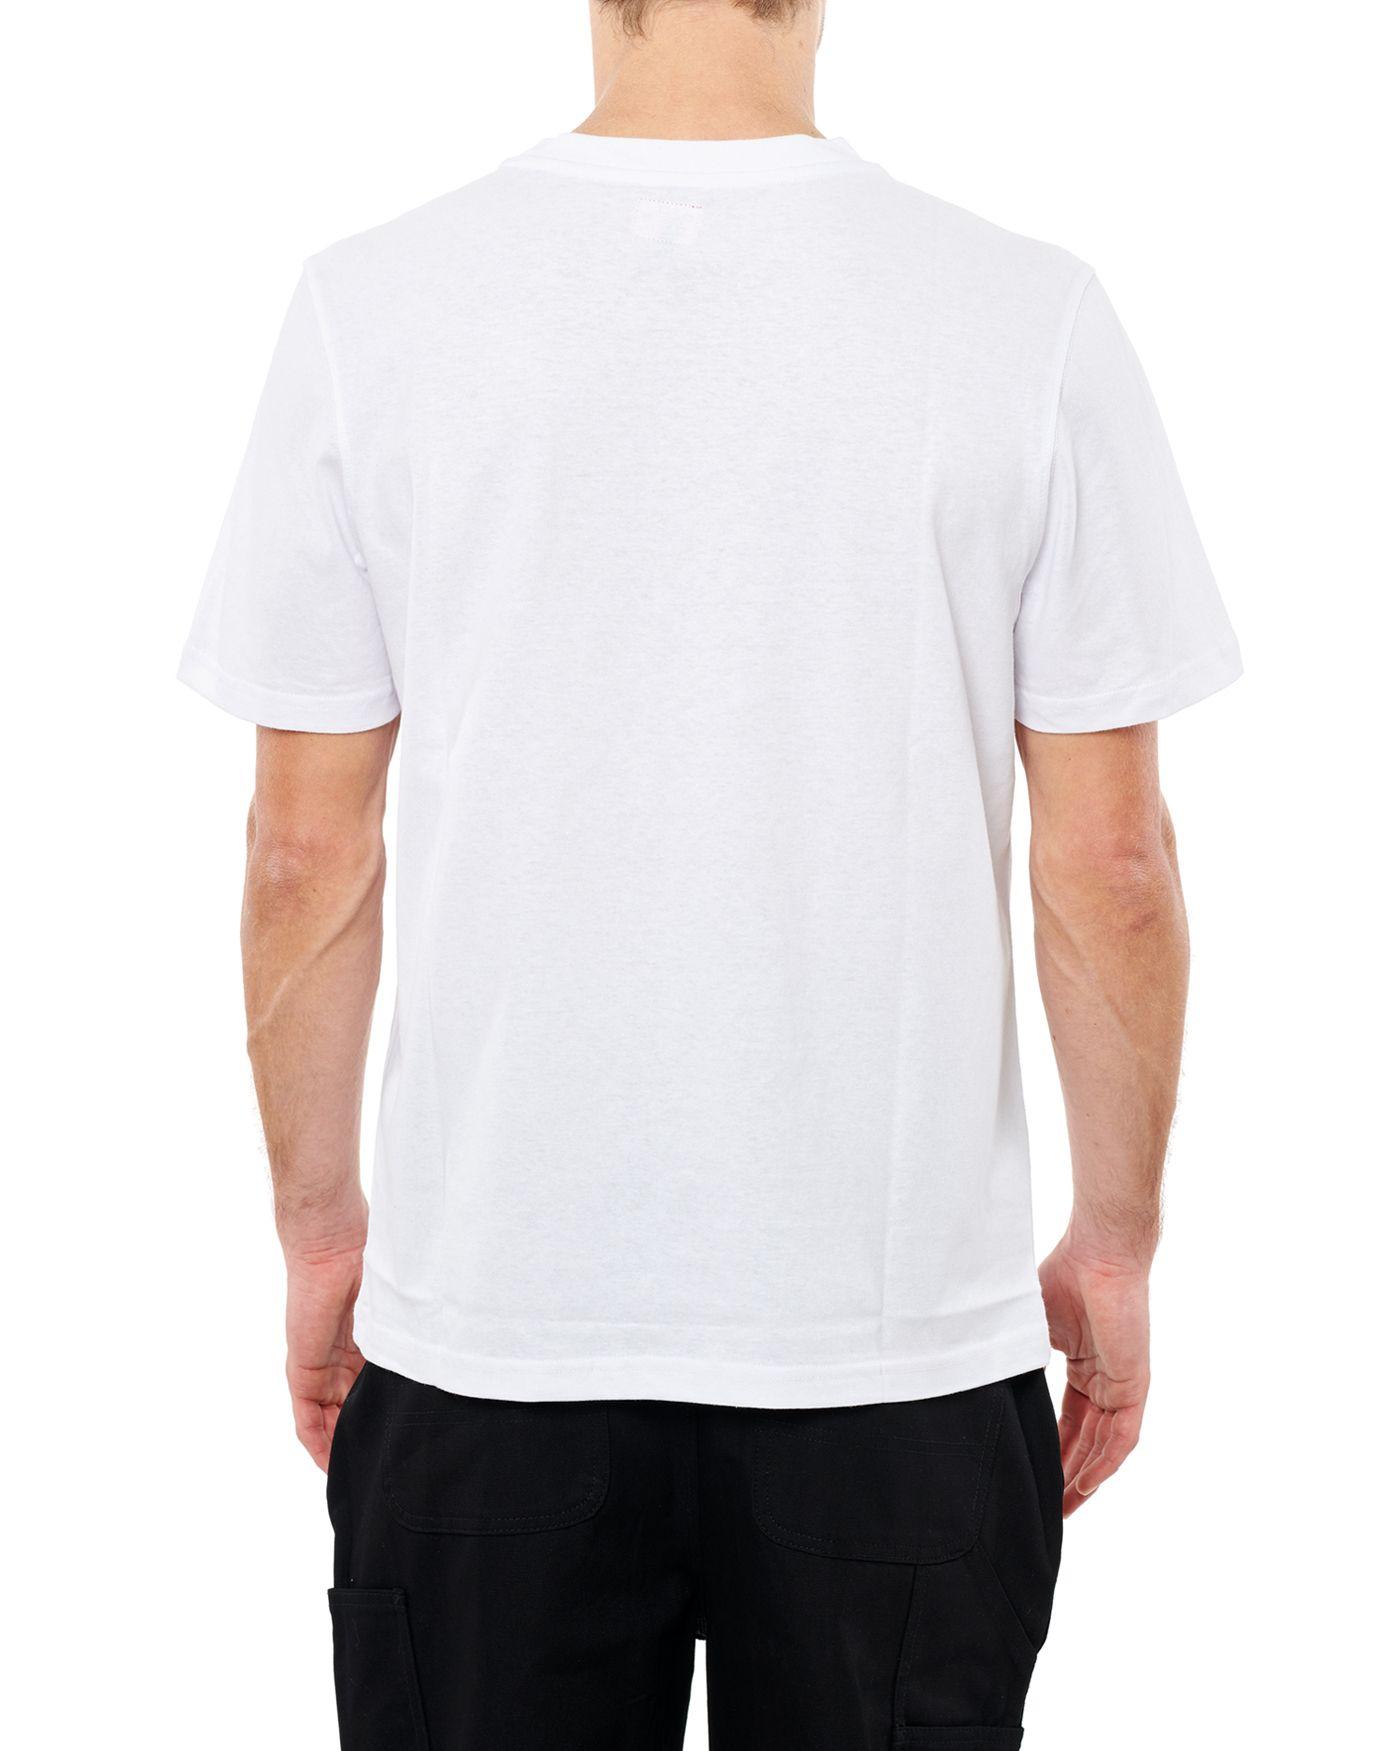 Photo of Pony Boy S/S T-shirt, White